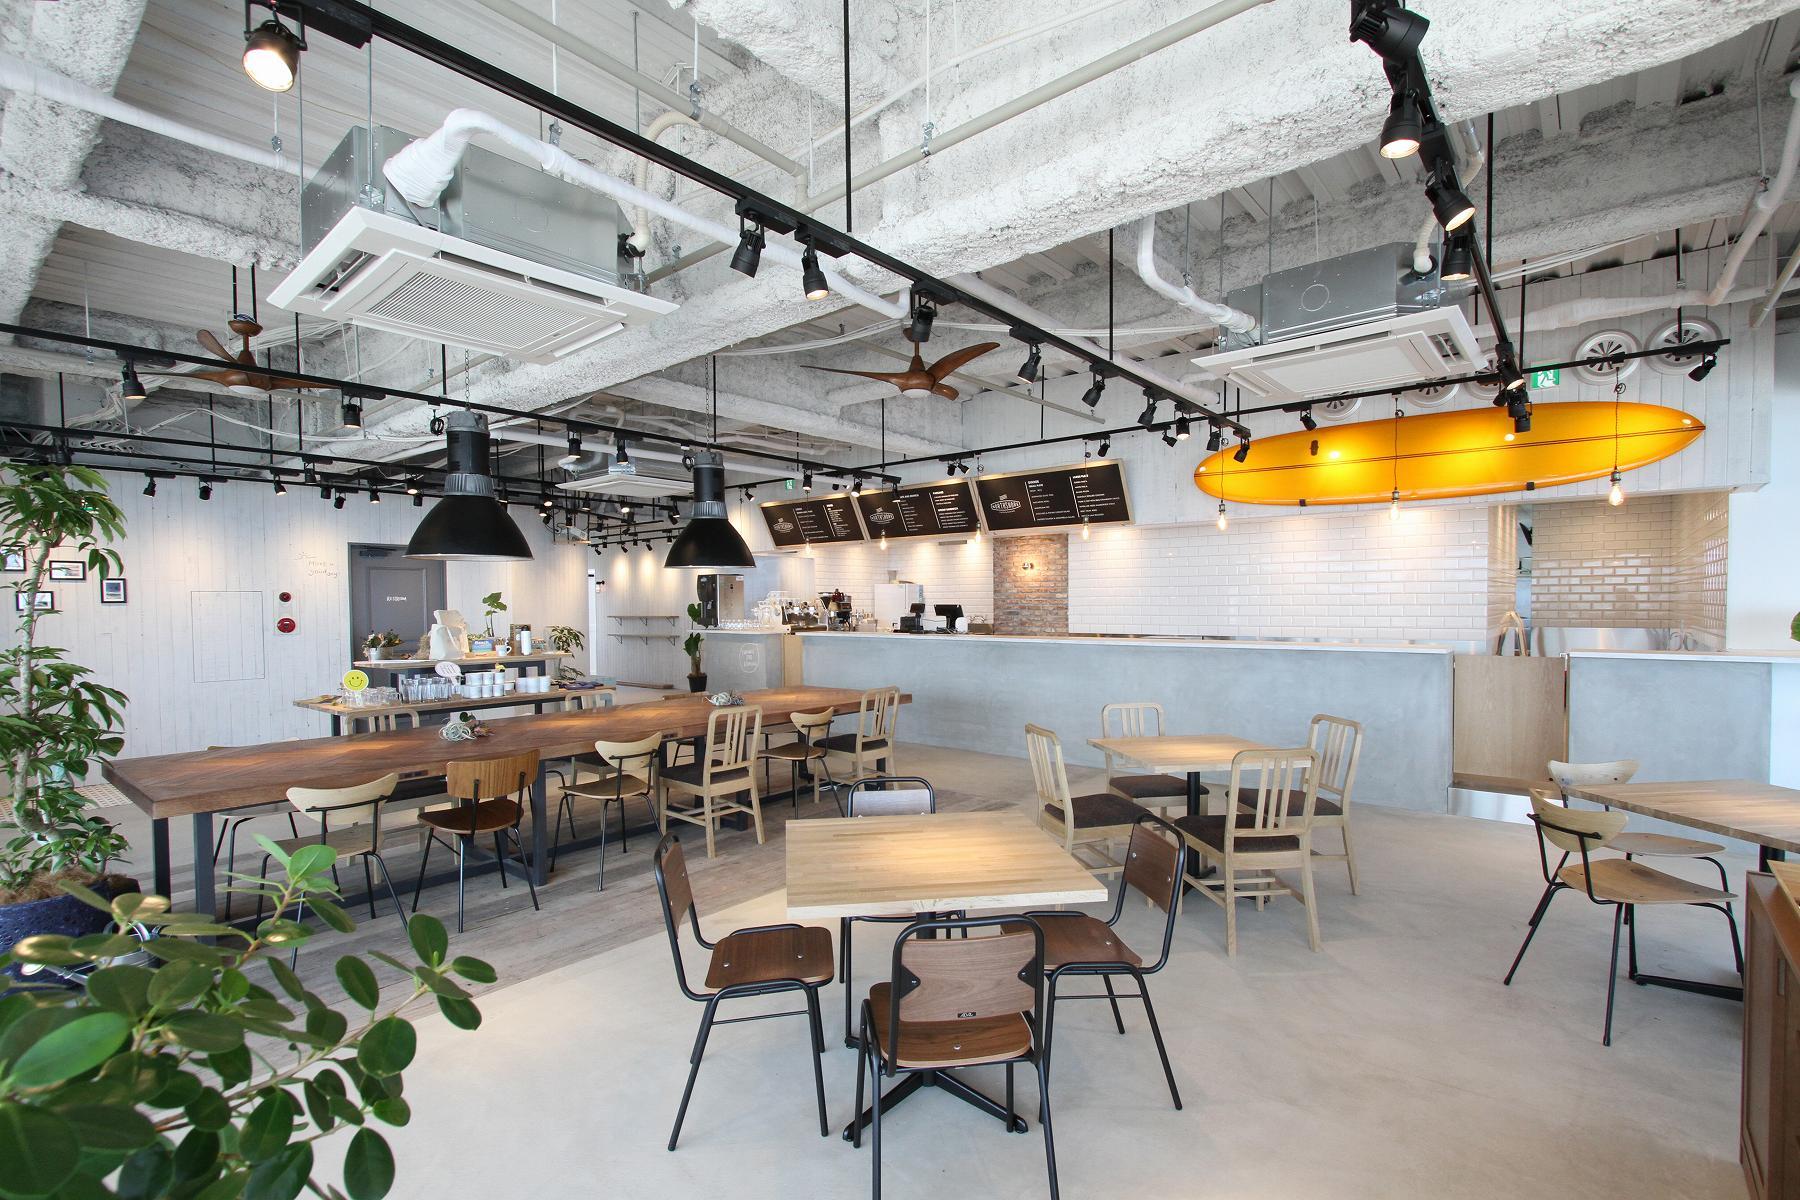 須磨ヨットハーバーにカフェ&ダイニング「NORTHSHORE(ノースショア)」が7/4(水)グランドオープンします! #NORTHSHORE #ノースショア #須磨ヨットハーバー #新規オープン